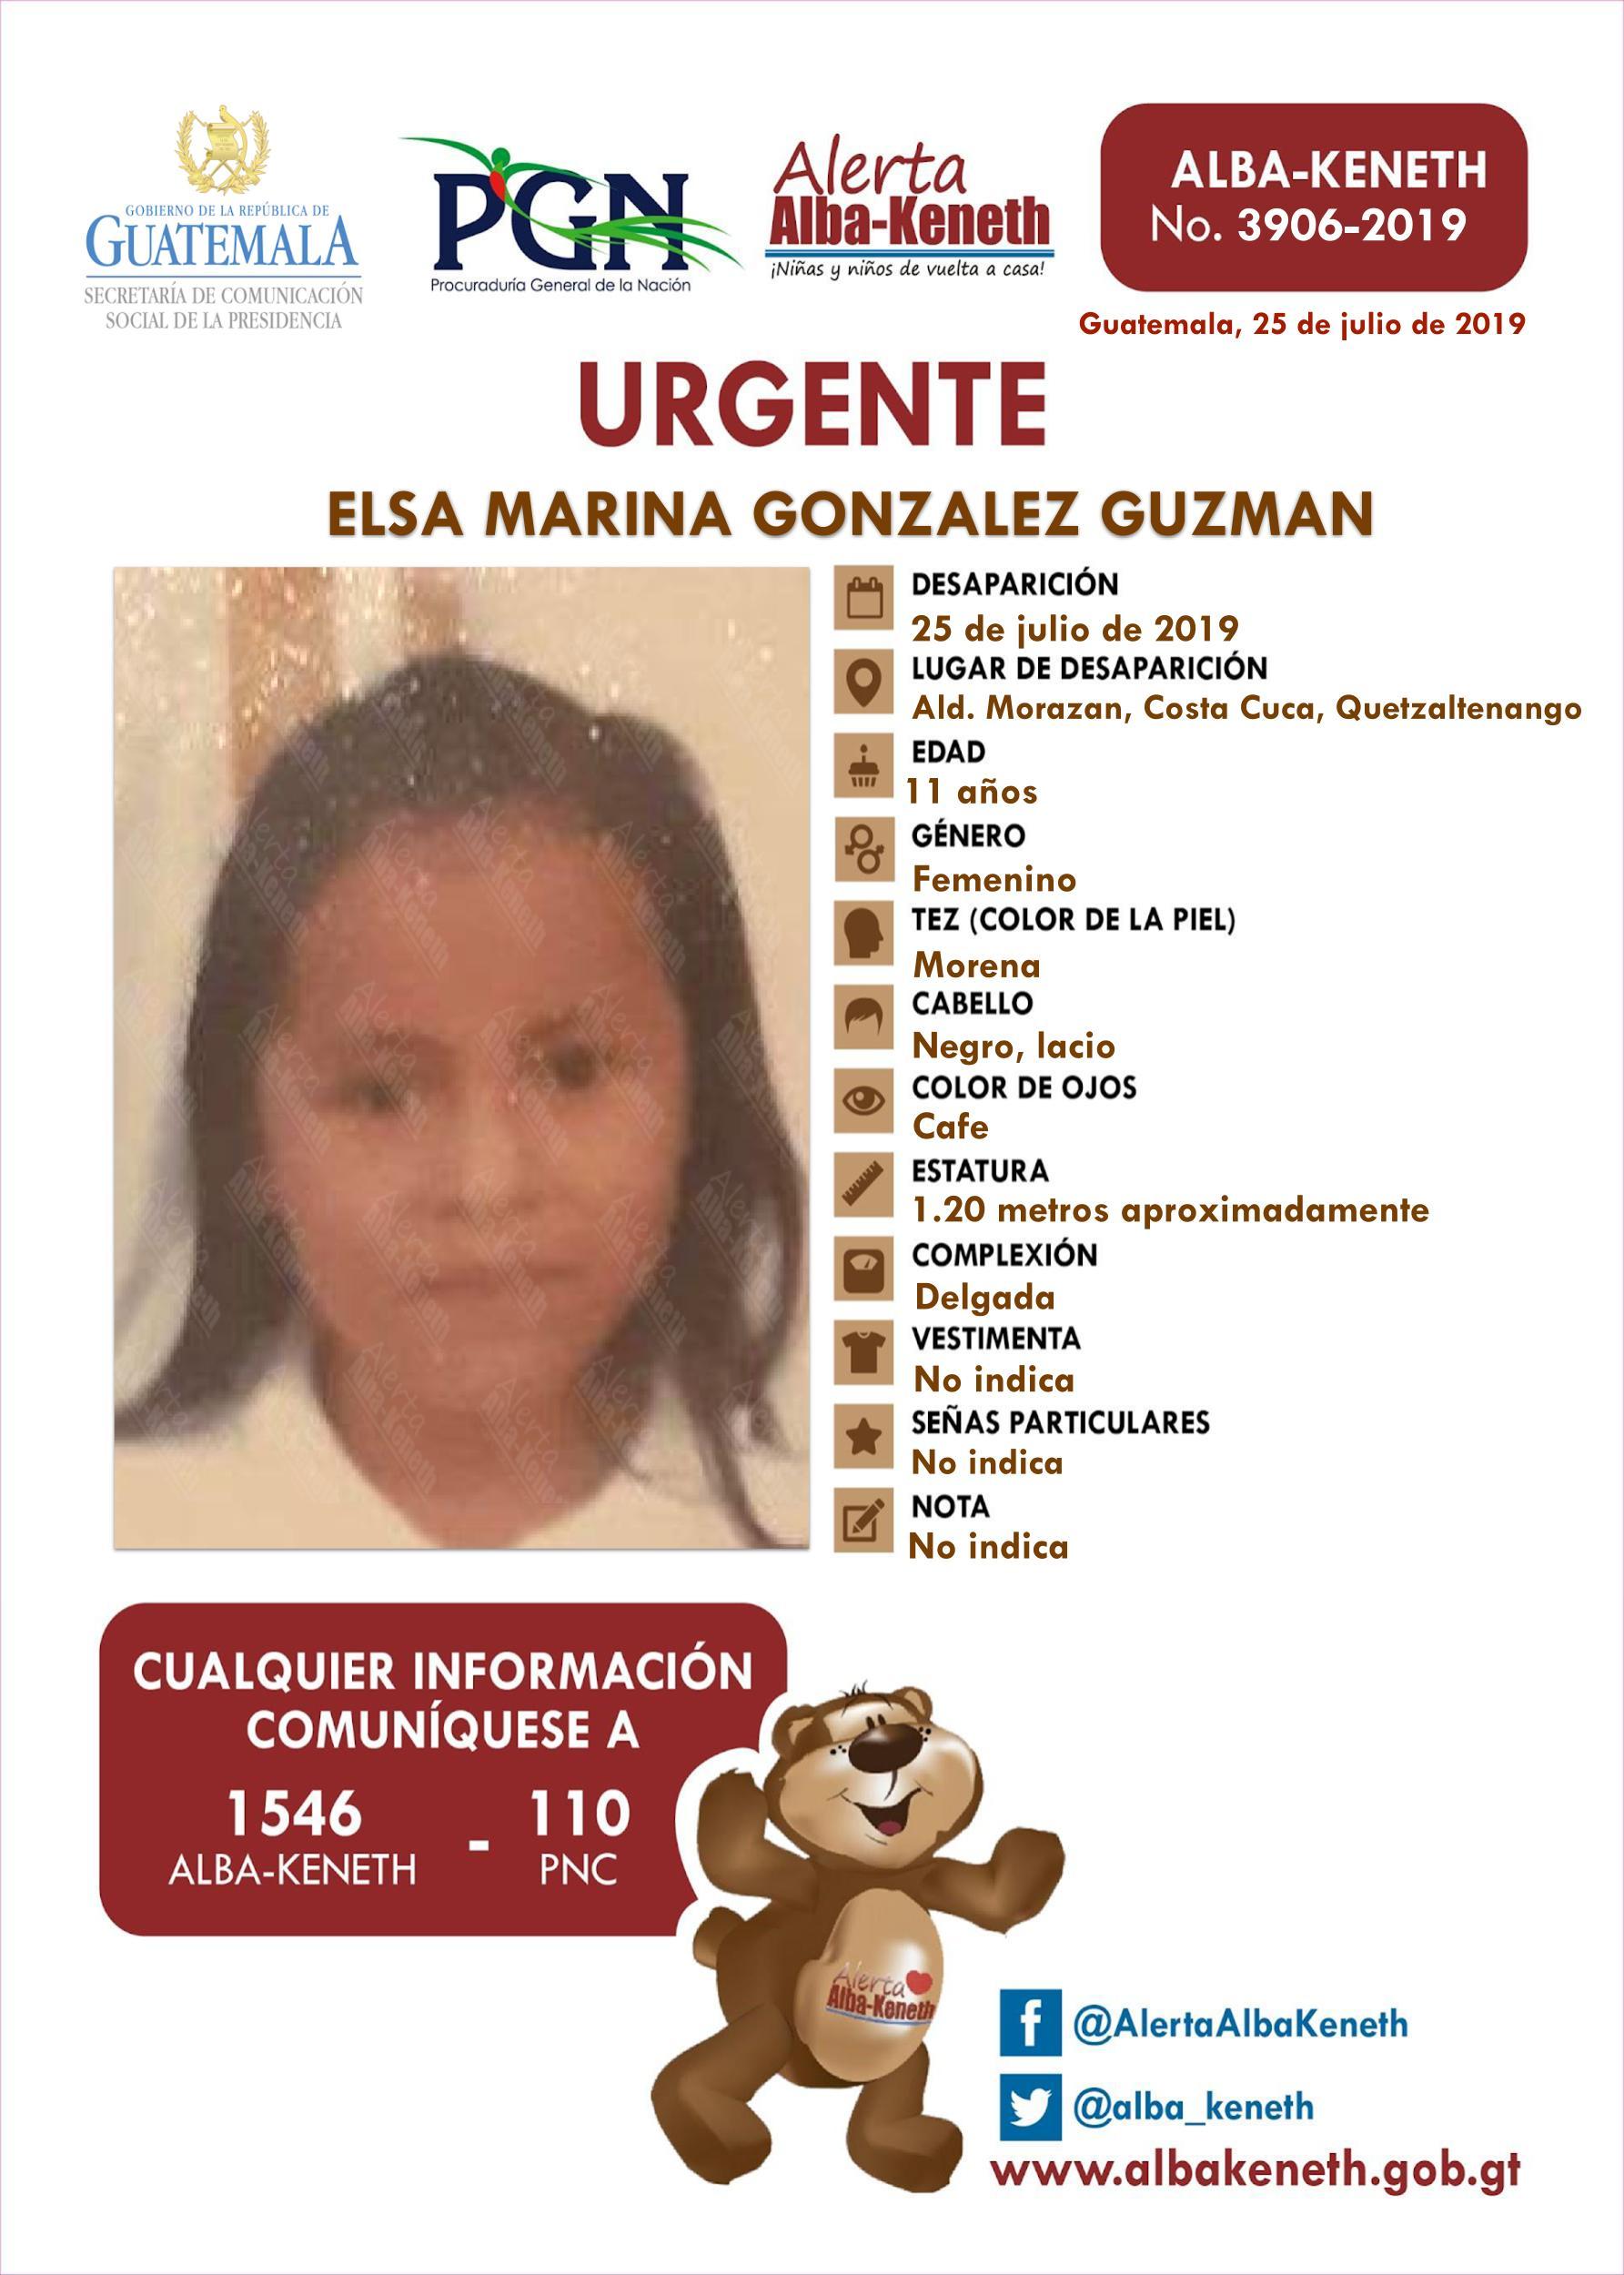 Elsa Marina Gonzalez Guzman